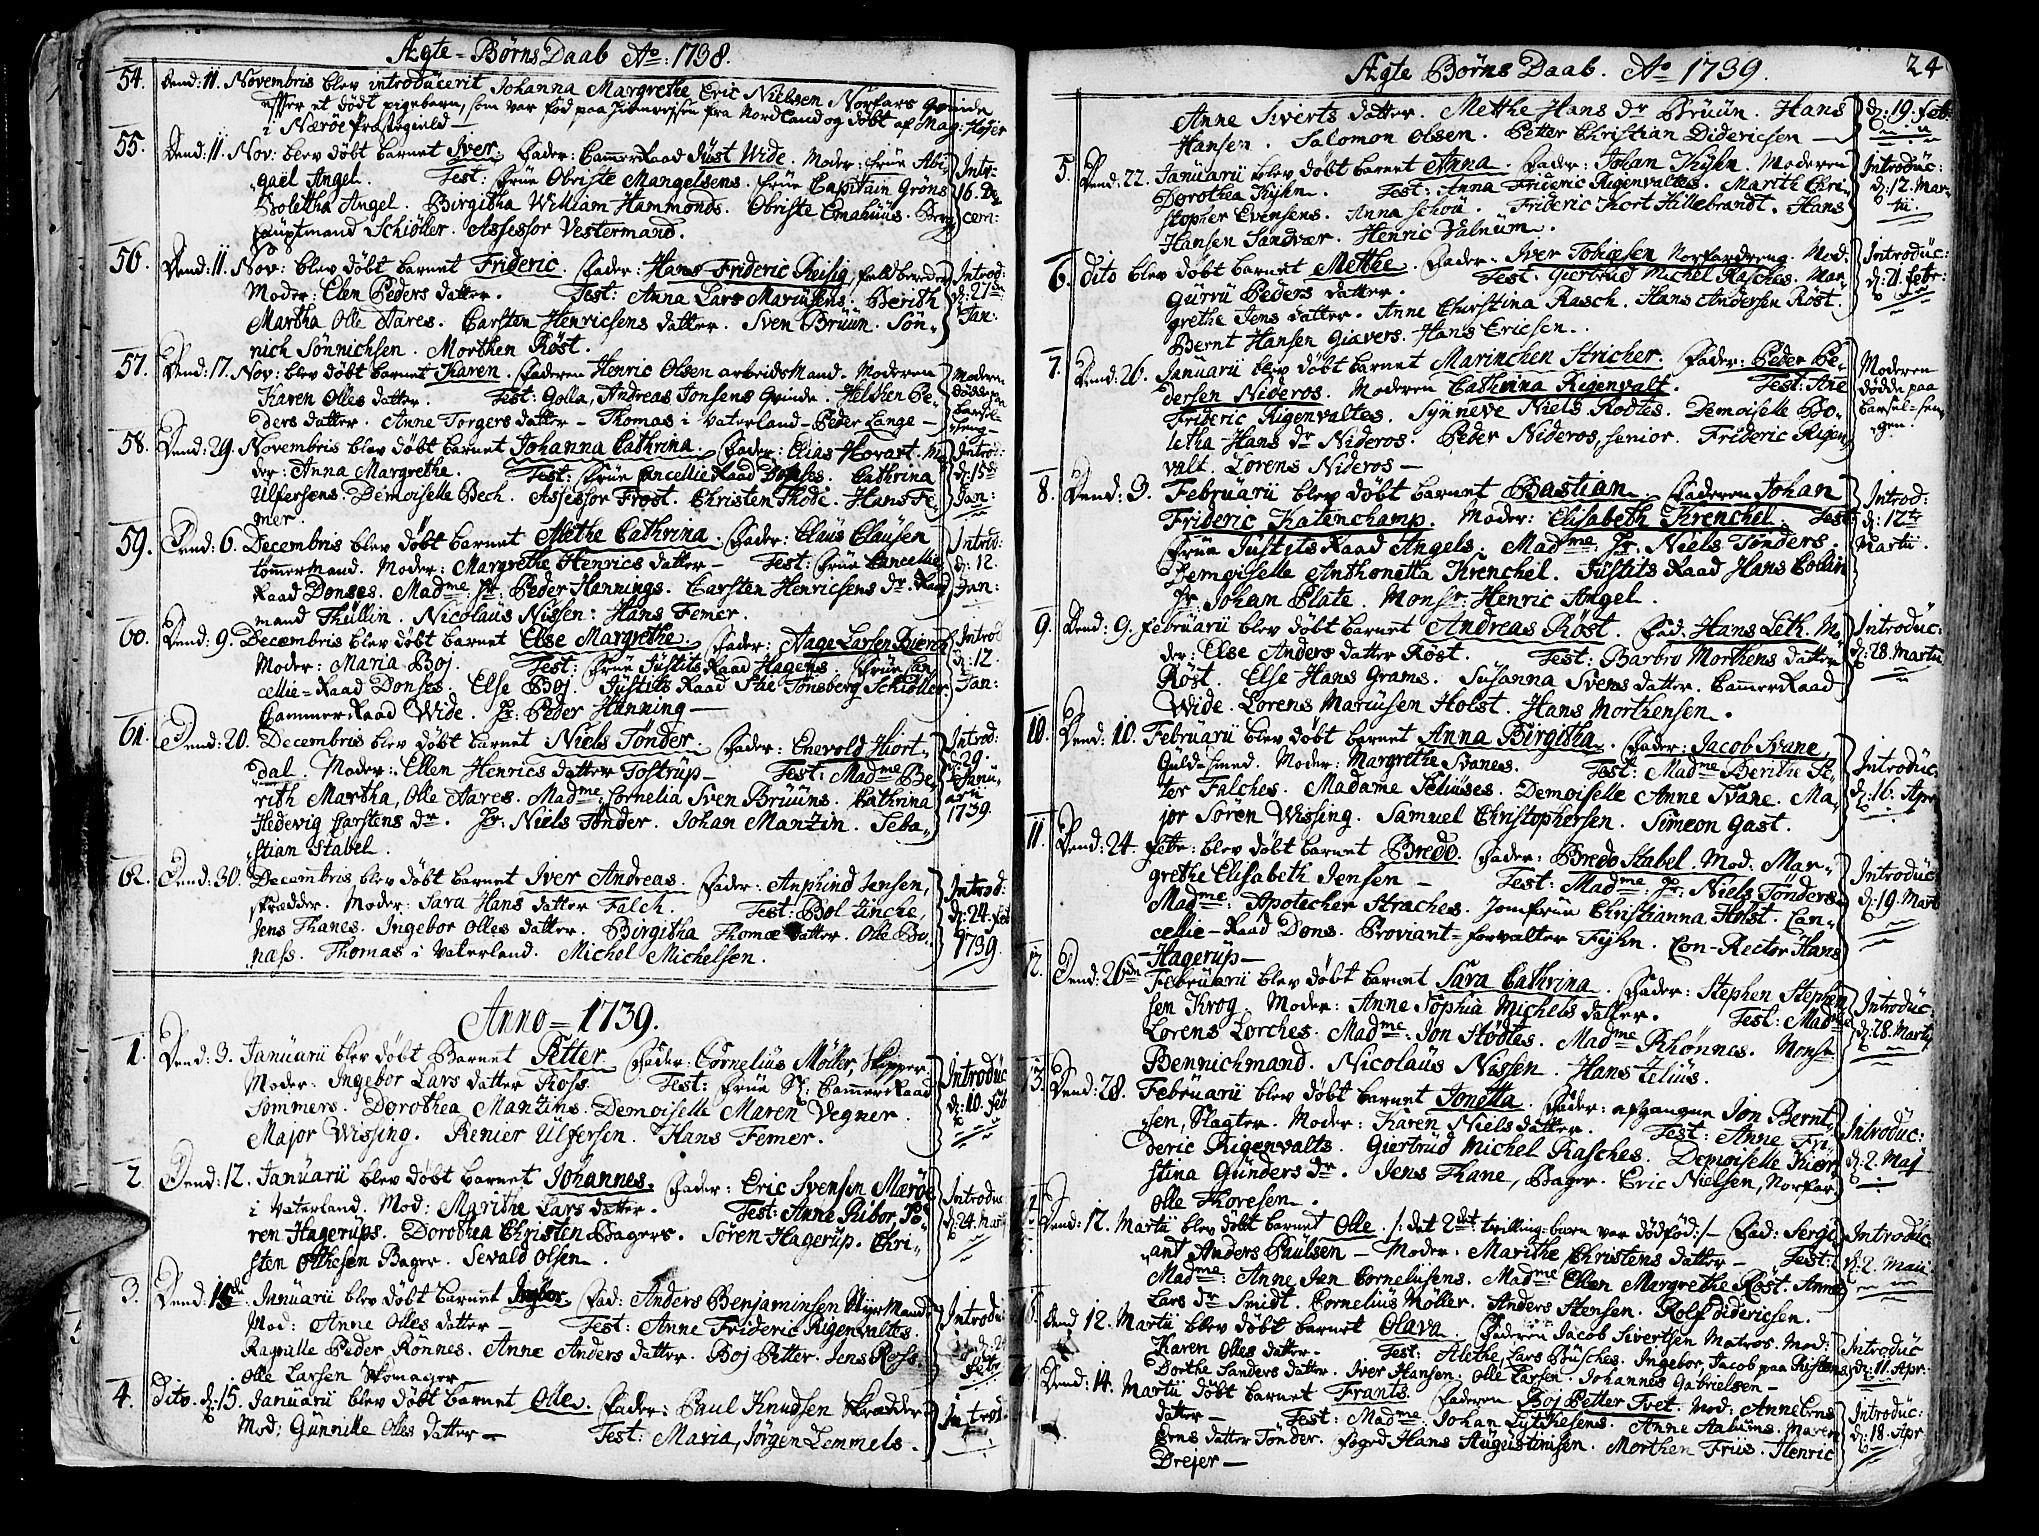 SAT, Ministerialprotokoller, klokkerbøker og fødselsregistre - Sør-Trøndelag, 602/L0103: Ministerialbok nr. 602A01, 1732-1774, s. 24